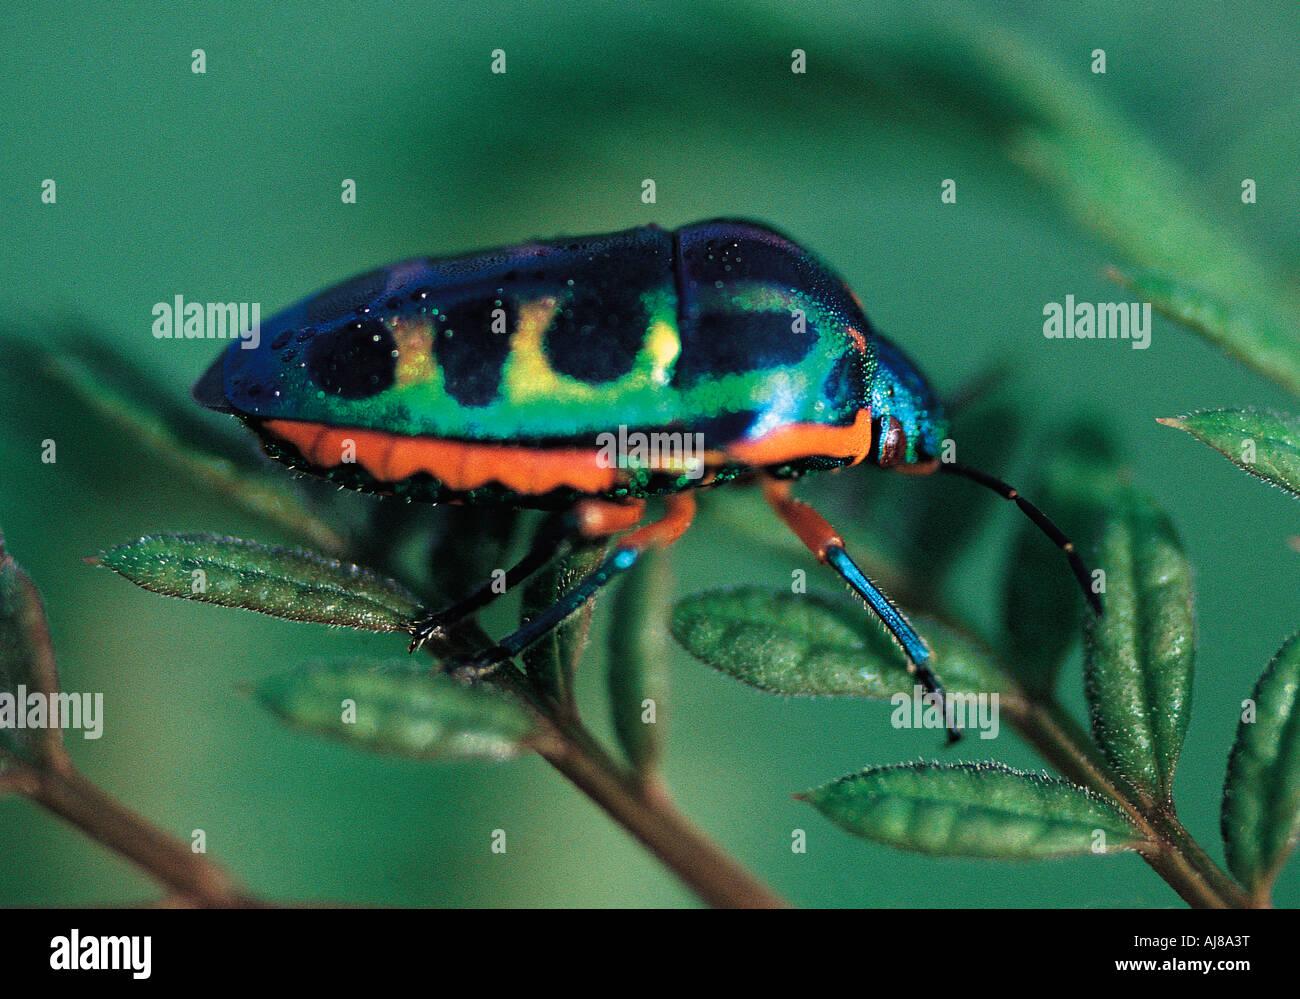 Brightly coloured Jewel Beetle Masvingo Zimbabwe - Stock Image